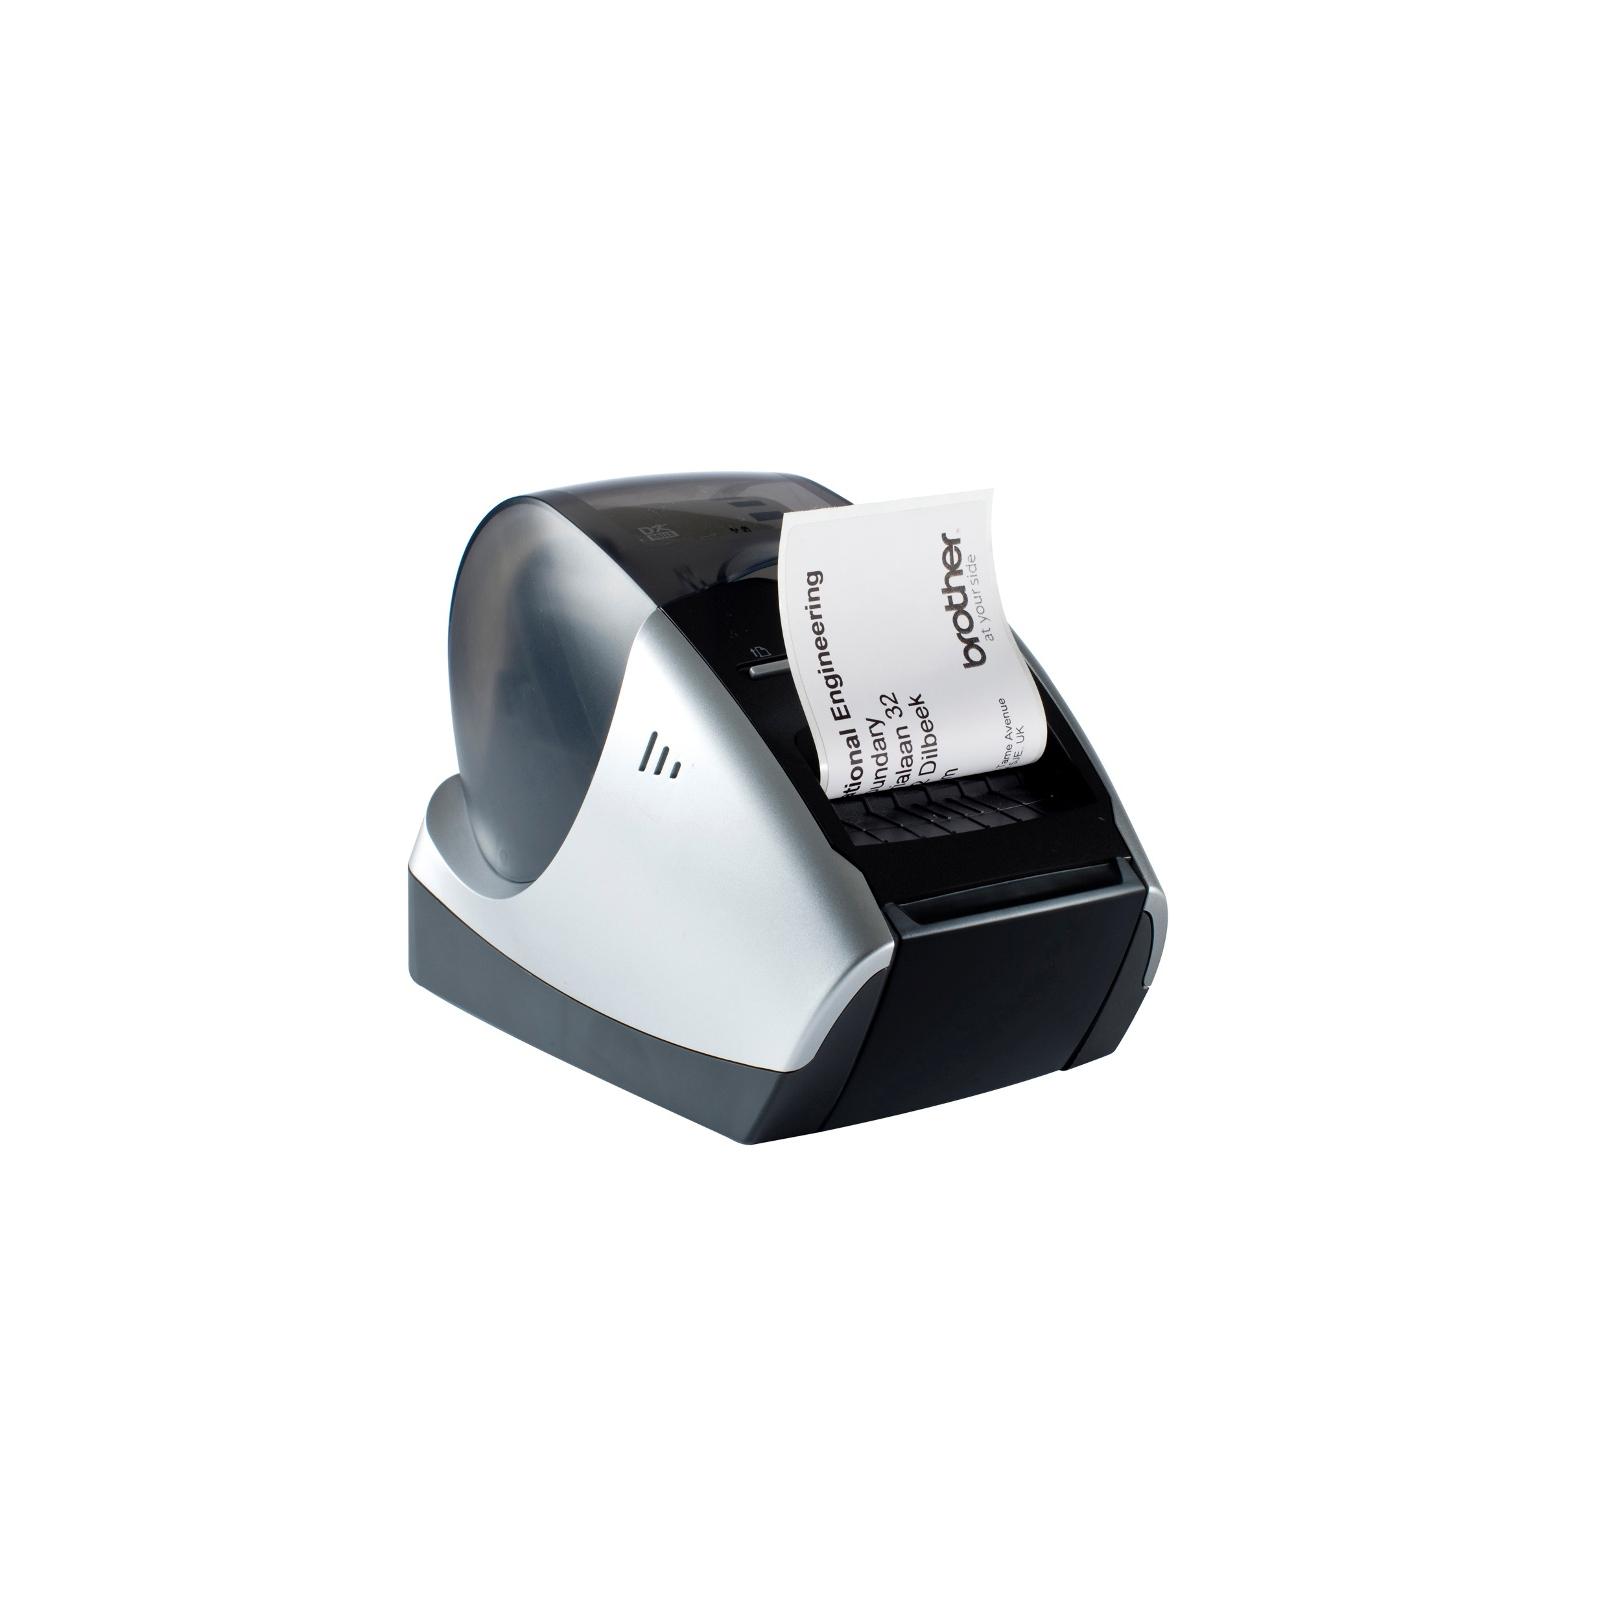 Принтер этикеток Brother QL-570 (QL-570R1) изображение 3